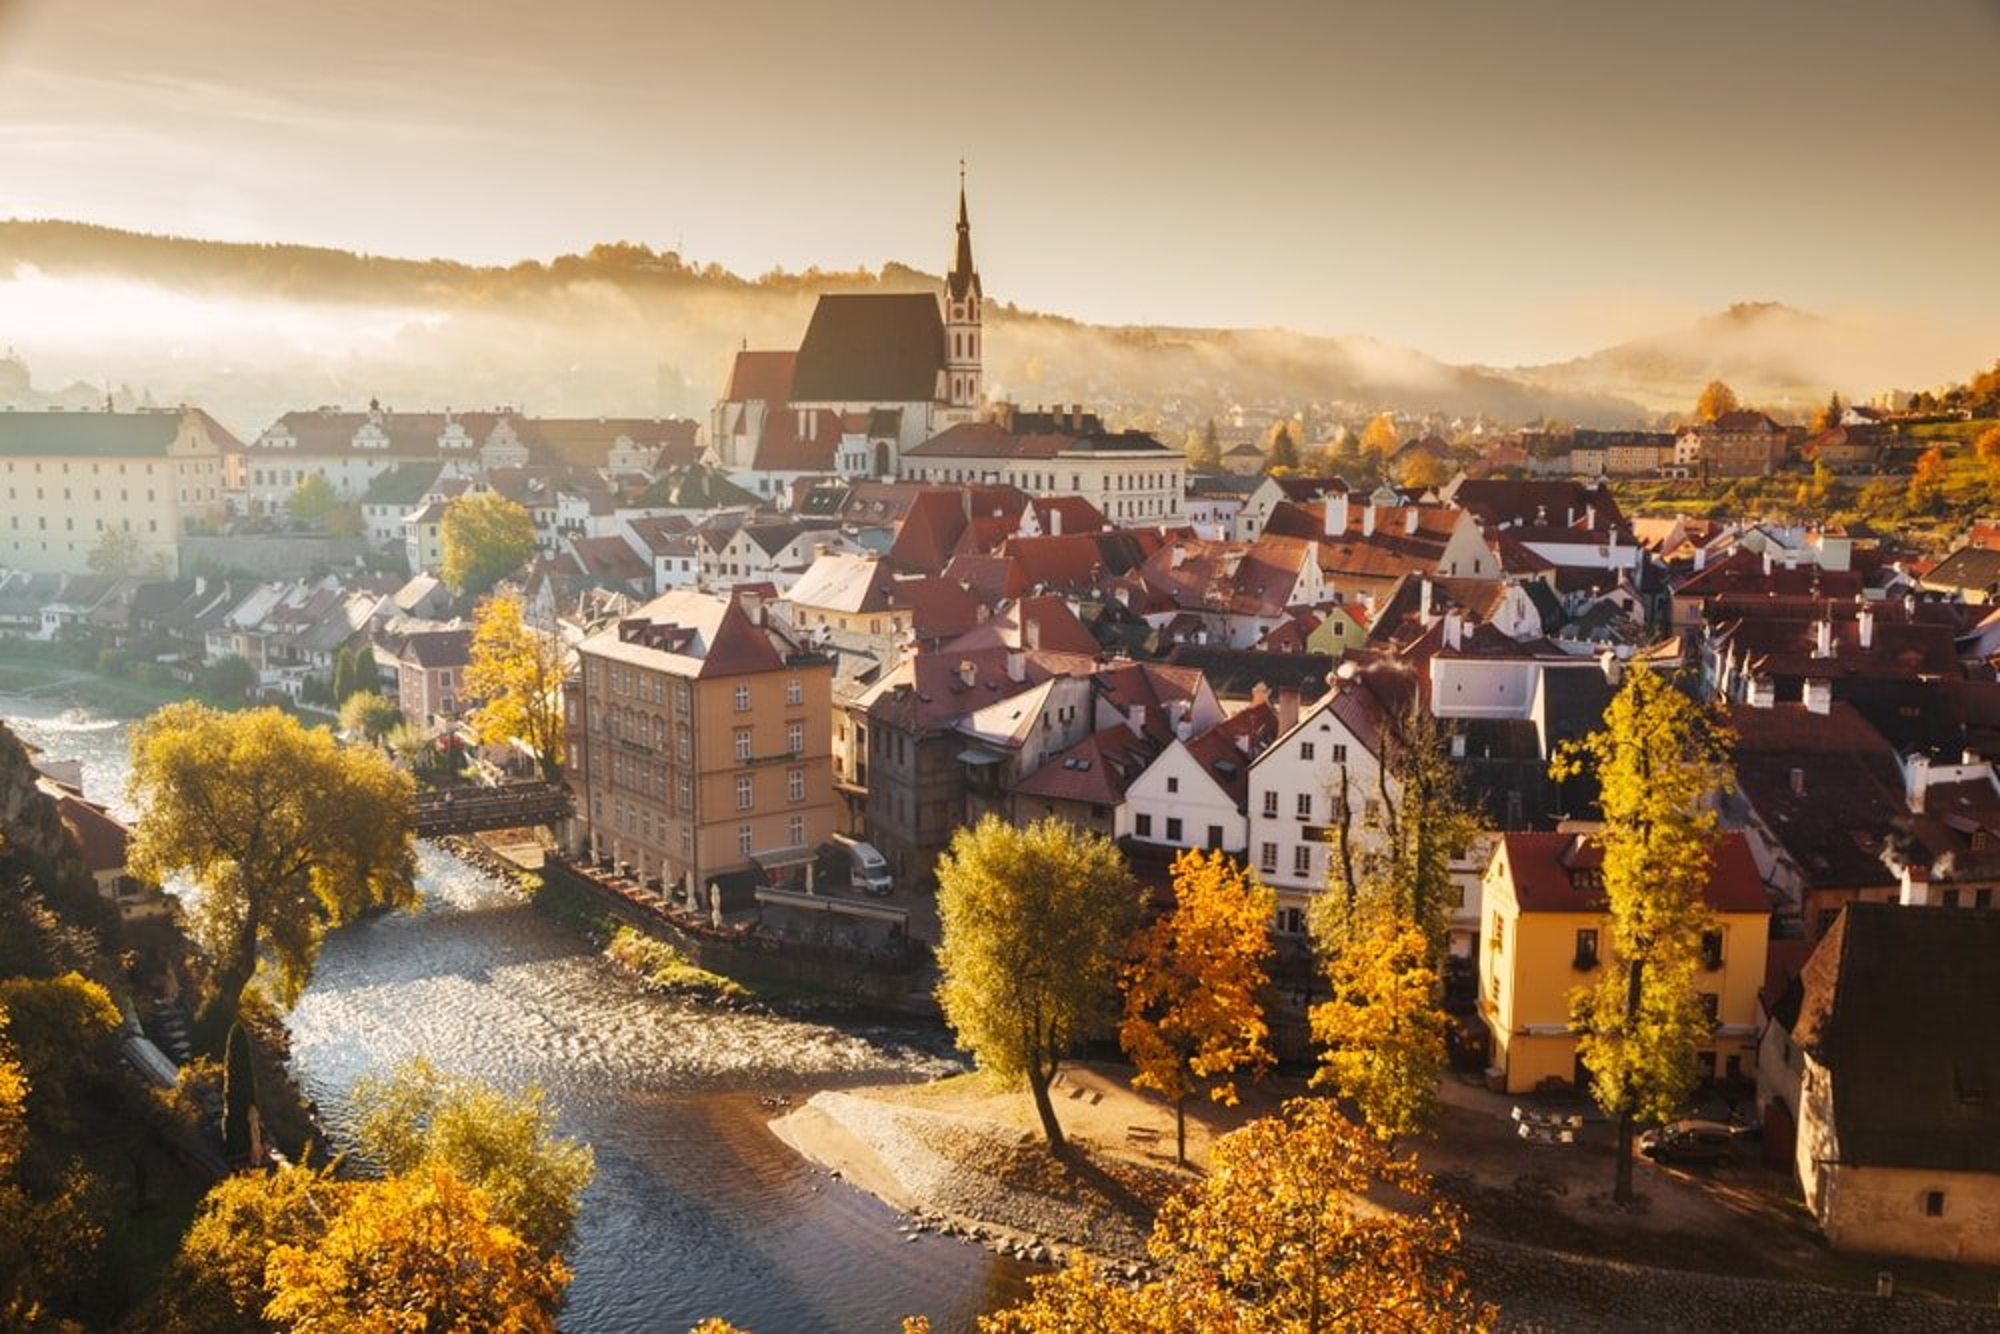 Vue panoramique de la ville historique de Cesky Krumlov avec le célèbre château de Cesky Krumlov, site classé au patrimoine mondial de l'UNESCO depuis 1992, sous une belle lumière dorée le matin au lever du soleil à l'automne, République tchèque